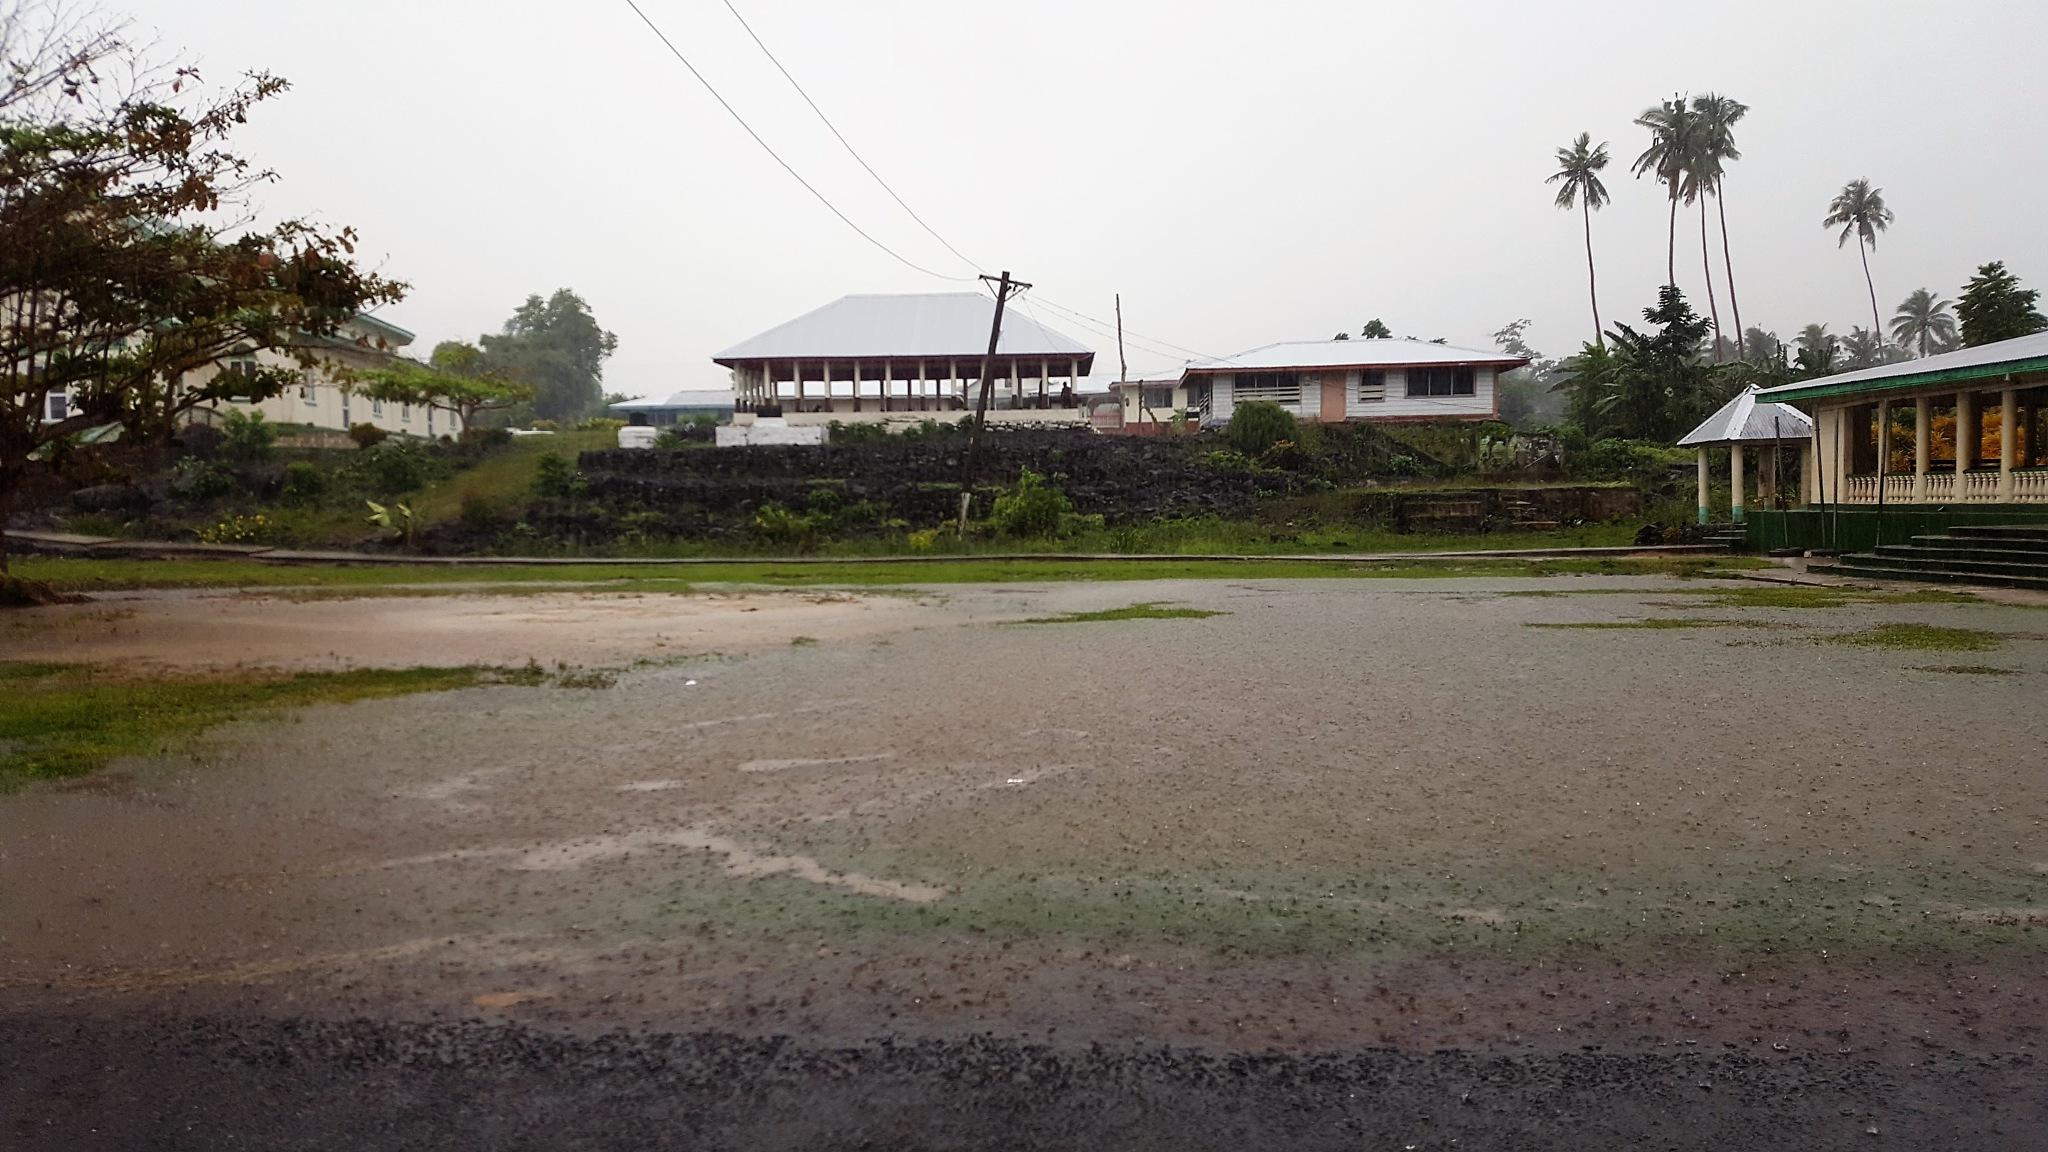 Samoan Village in the Rain by Luigi Cappel